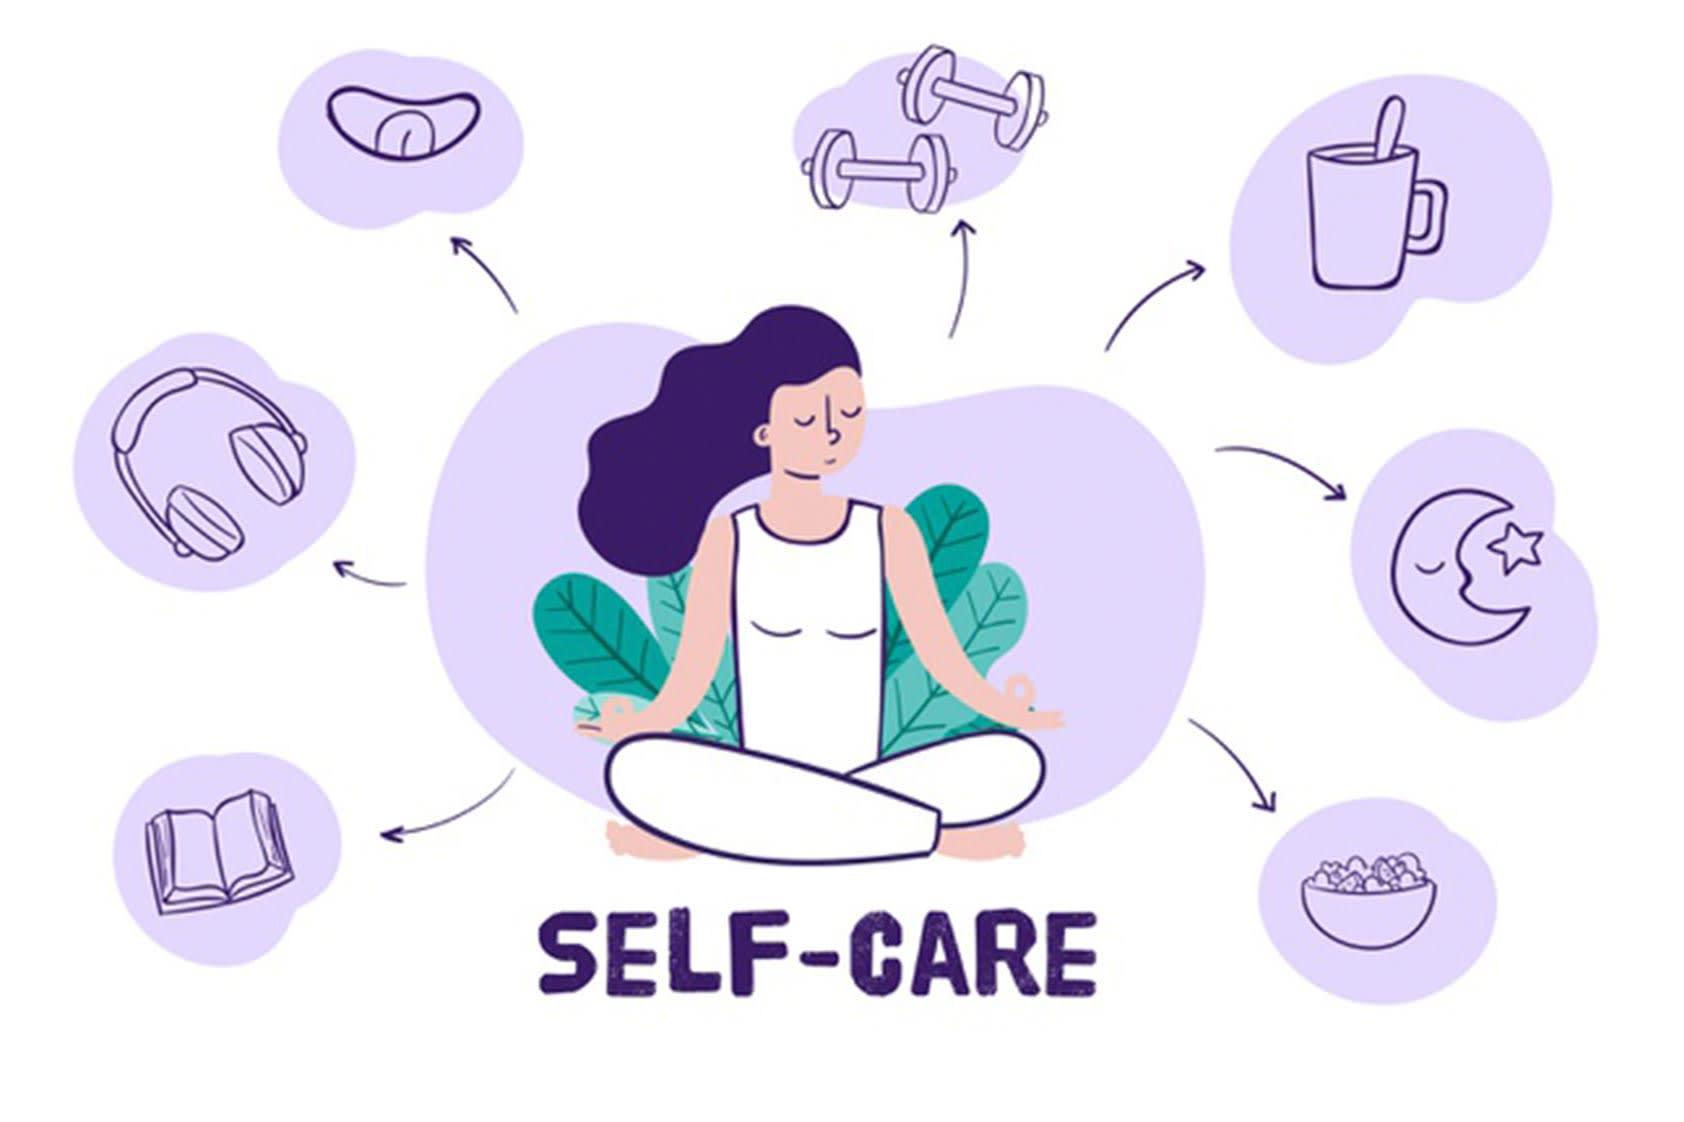 ¿Qué debemos hacer para alcanzar un verdadero bienestar?